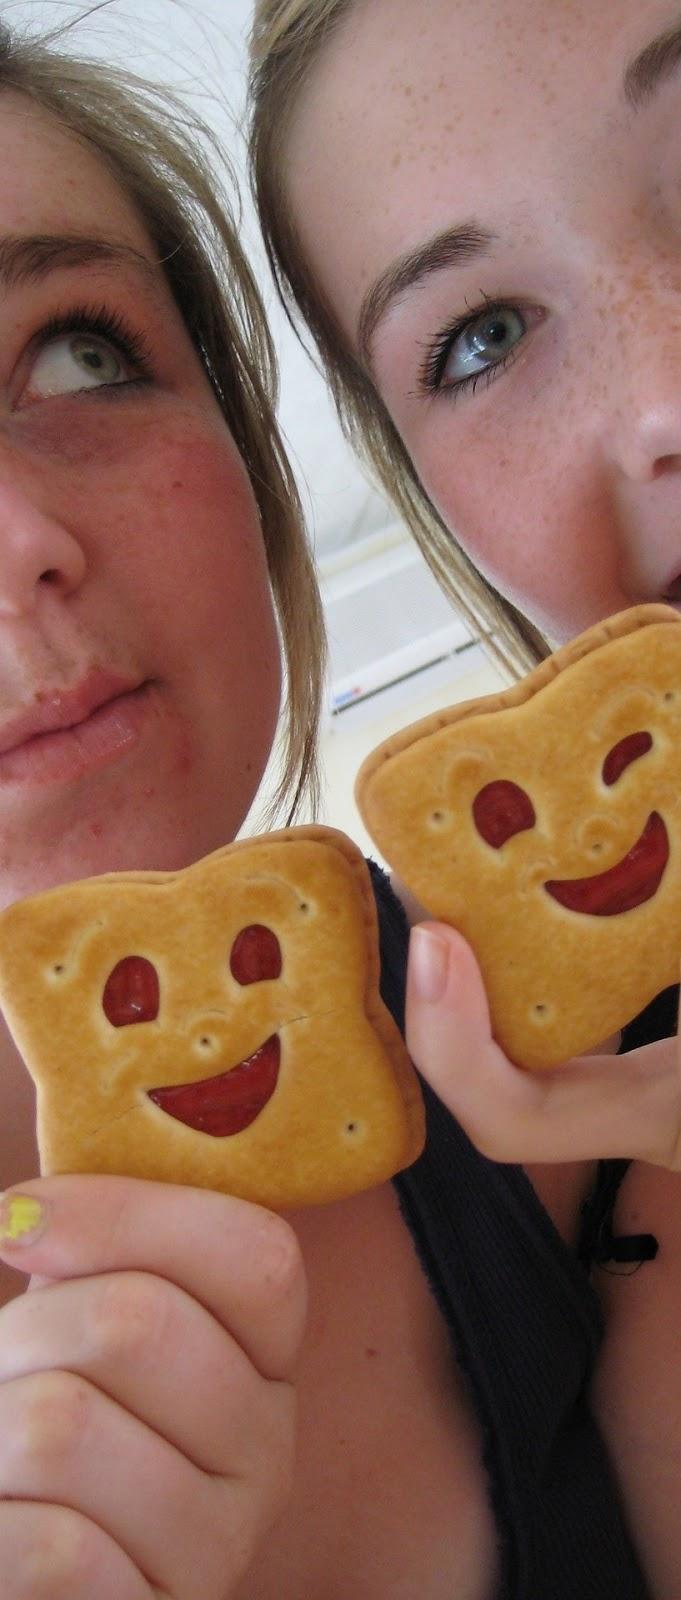 Smiling cookies.